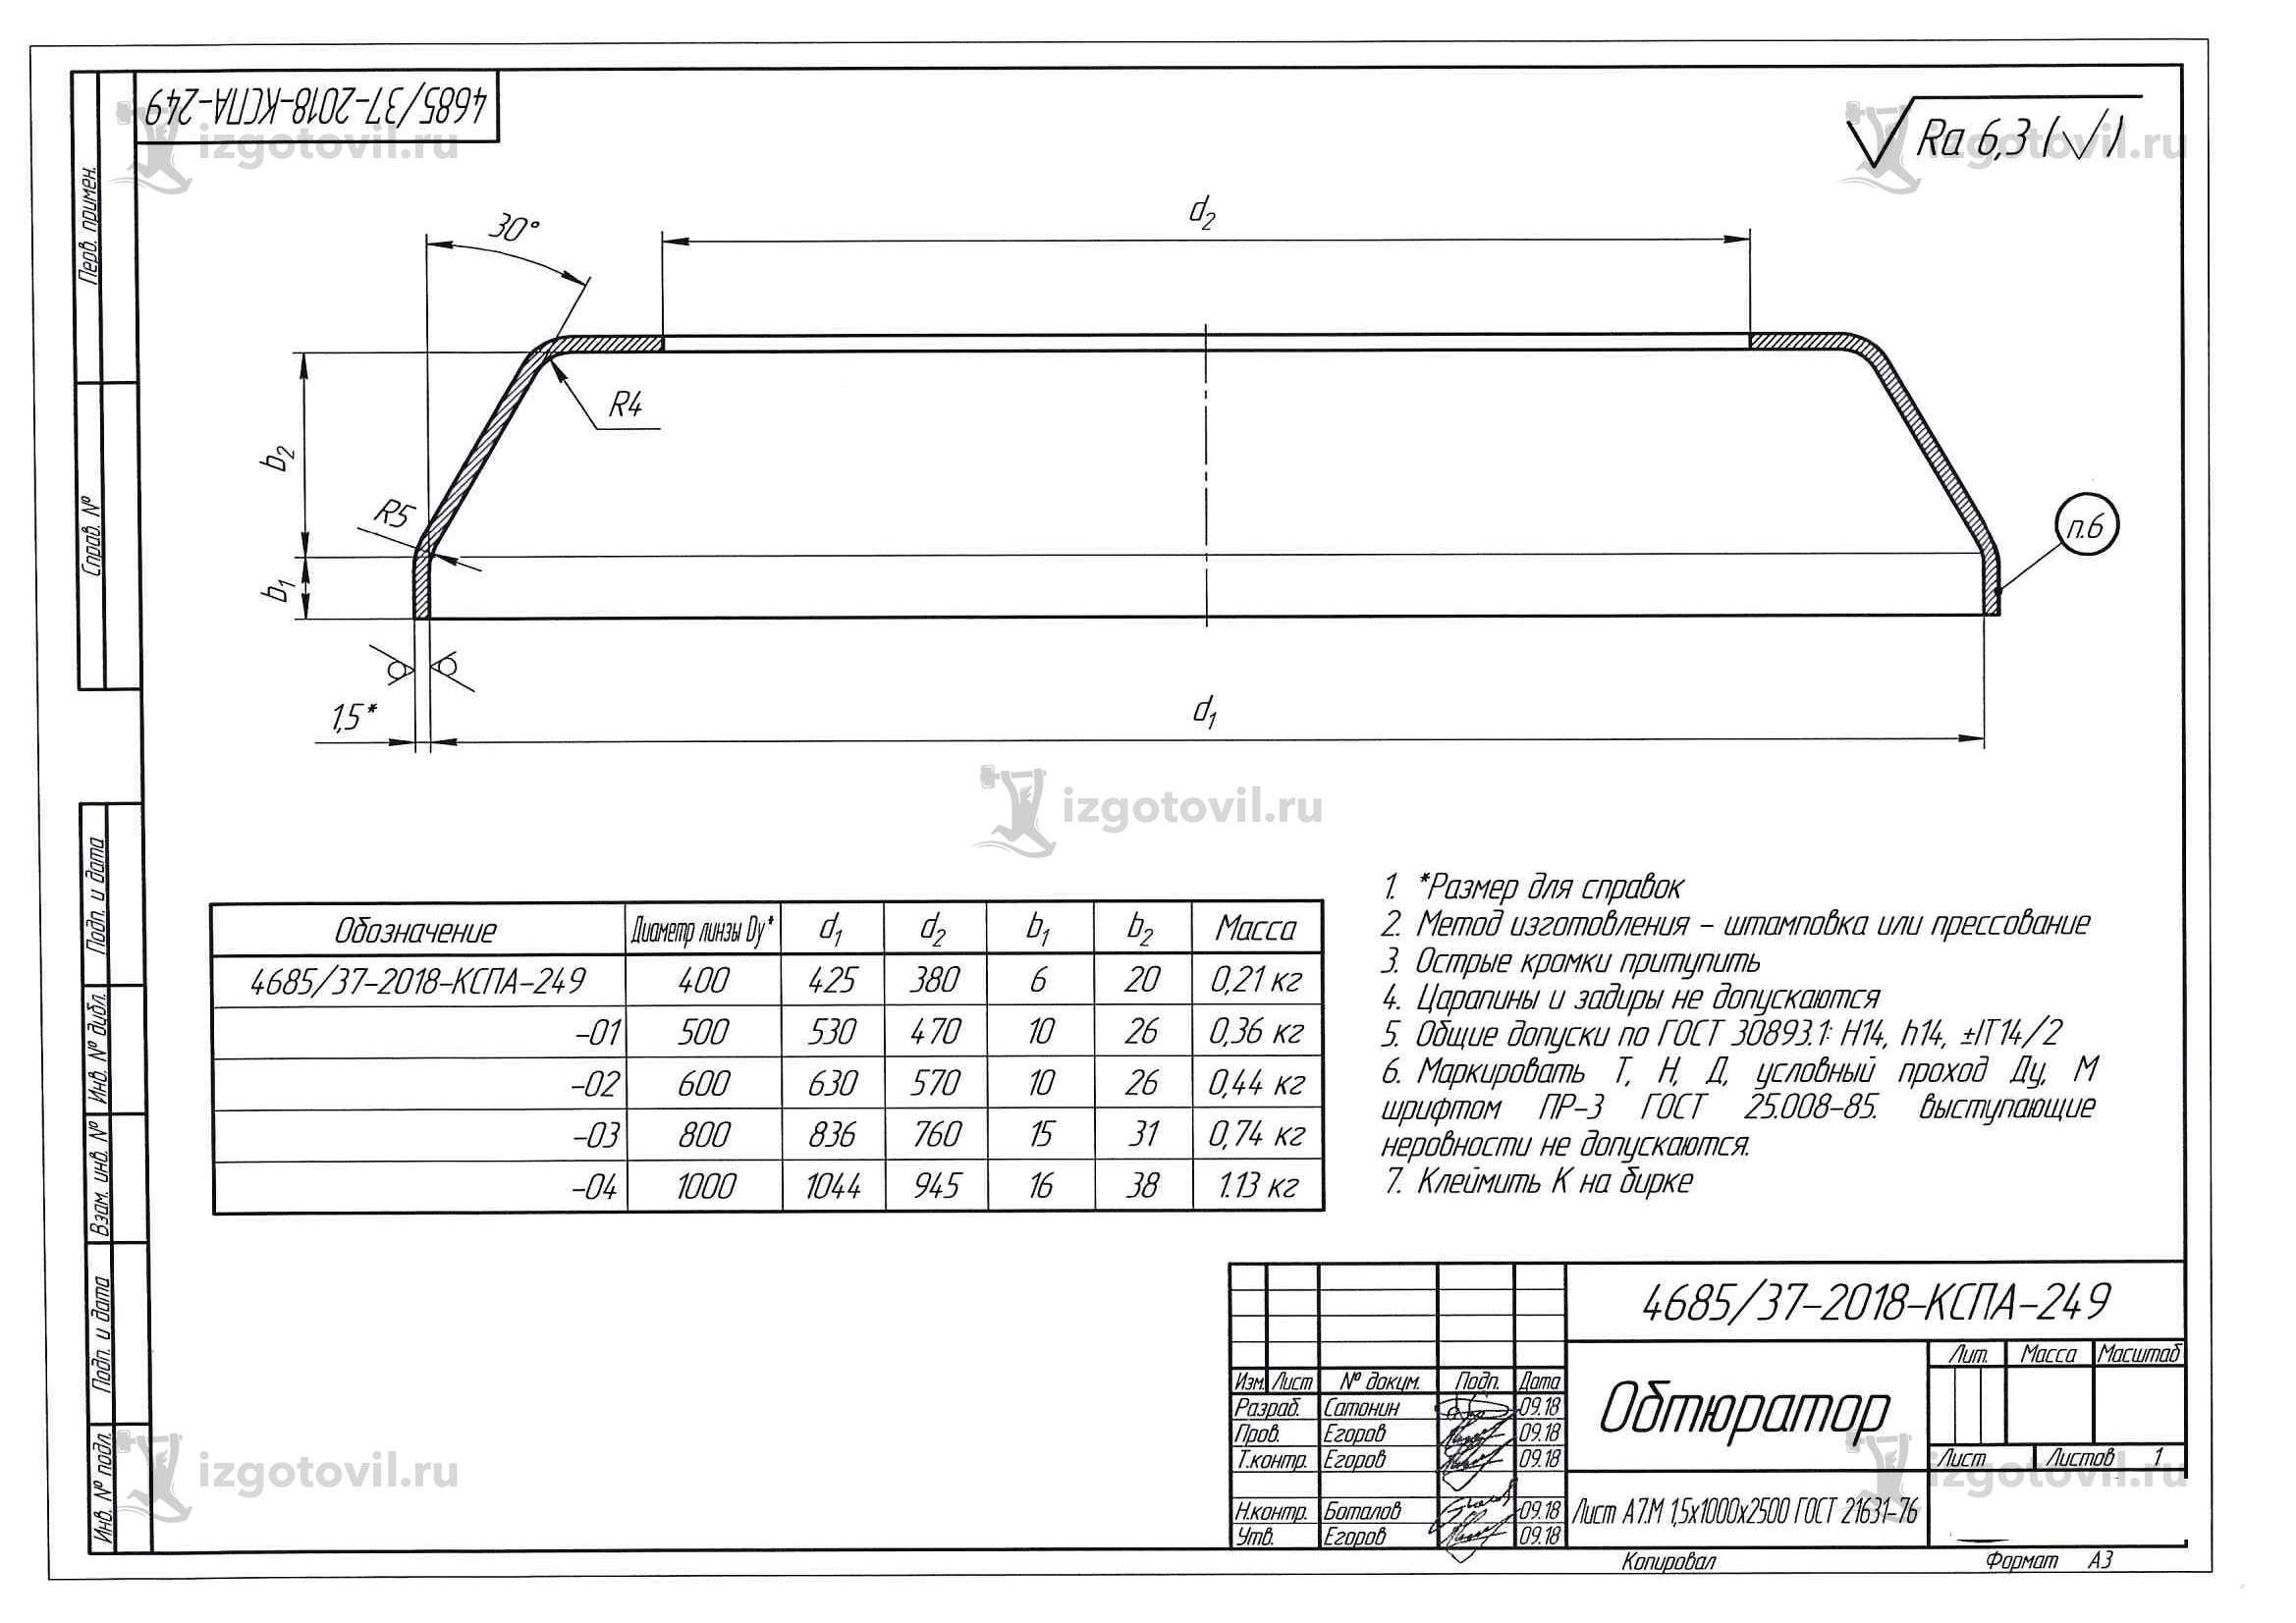 Штамповка металла (Обтюратор А7м)